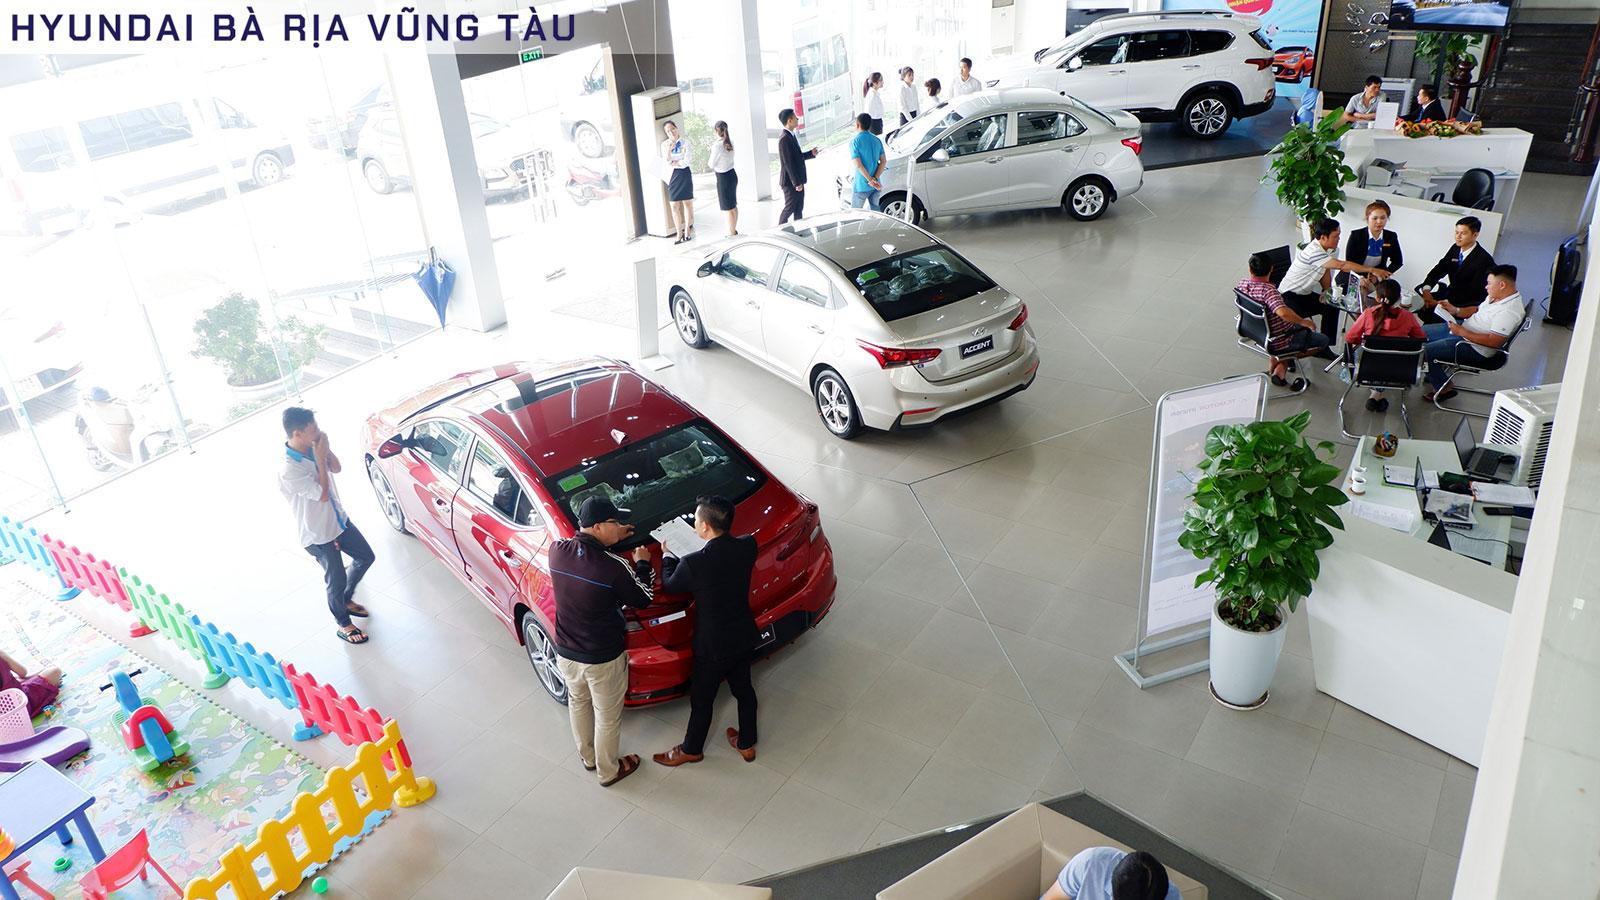 Hyundai BRVT